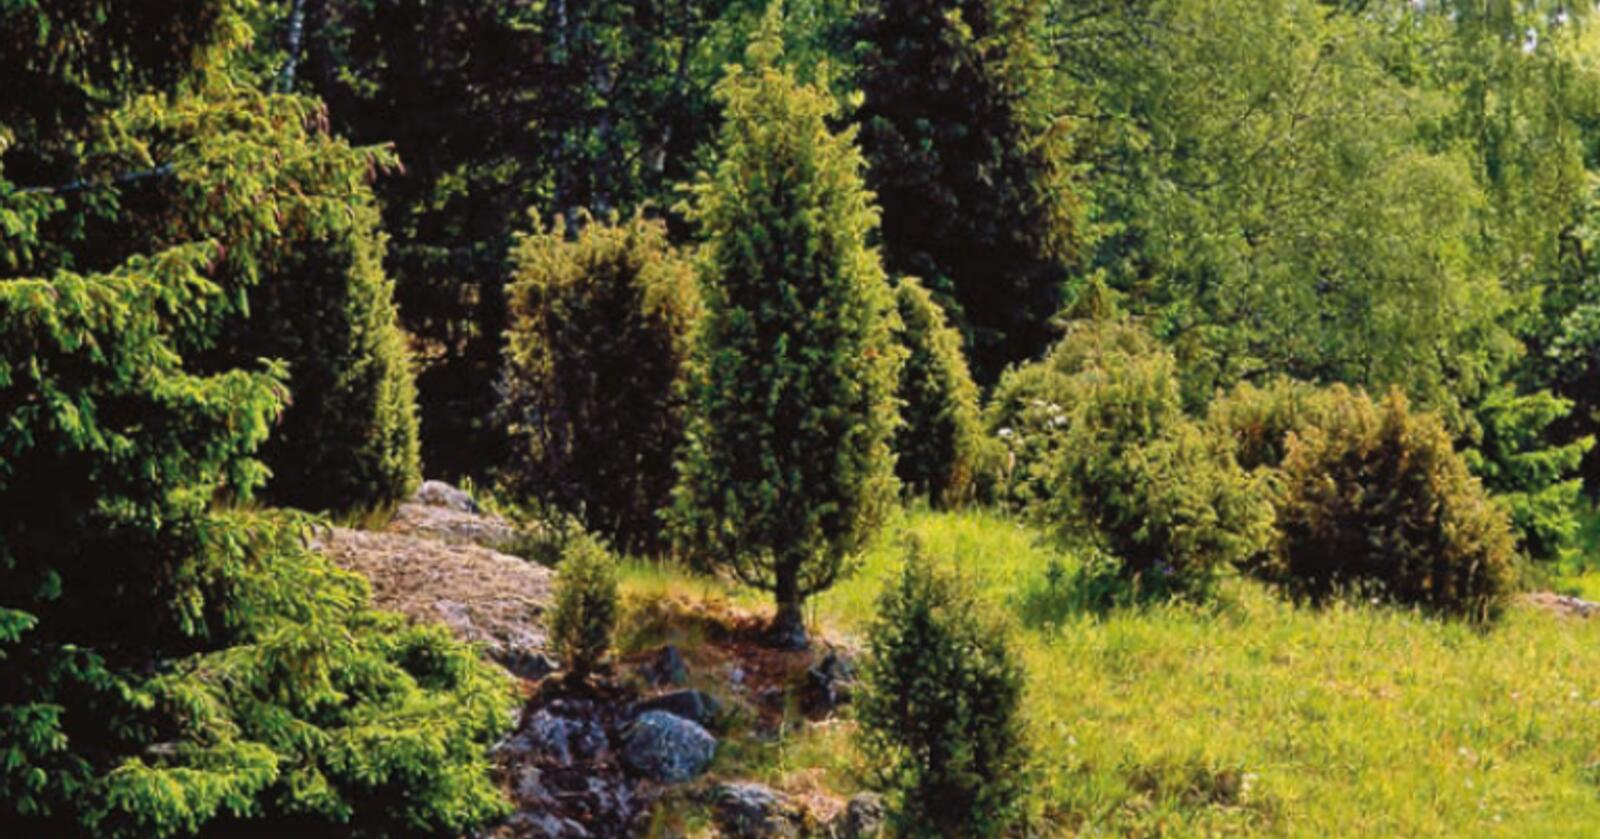 Arv og miljø: Einer kan være lavtvoksende og krypende busker eller høyreiste, søyleformede trær. Vokseformen er dels bestemt av genene og dels av miljøforholdene. Noen ganger er det bare genene som bestemmer. Foto: Svein Grønvold